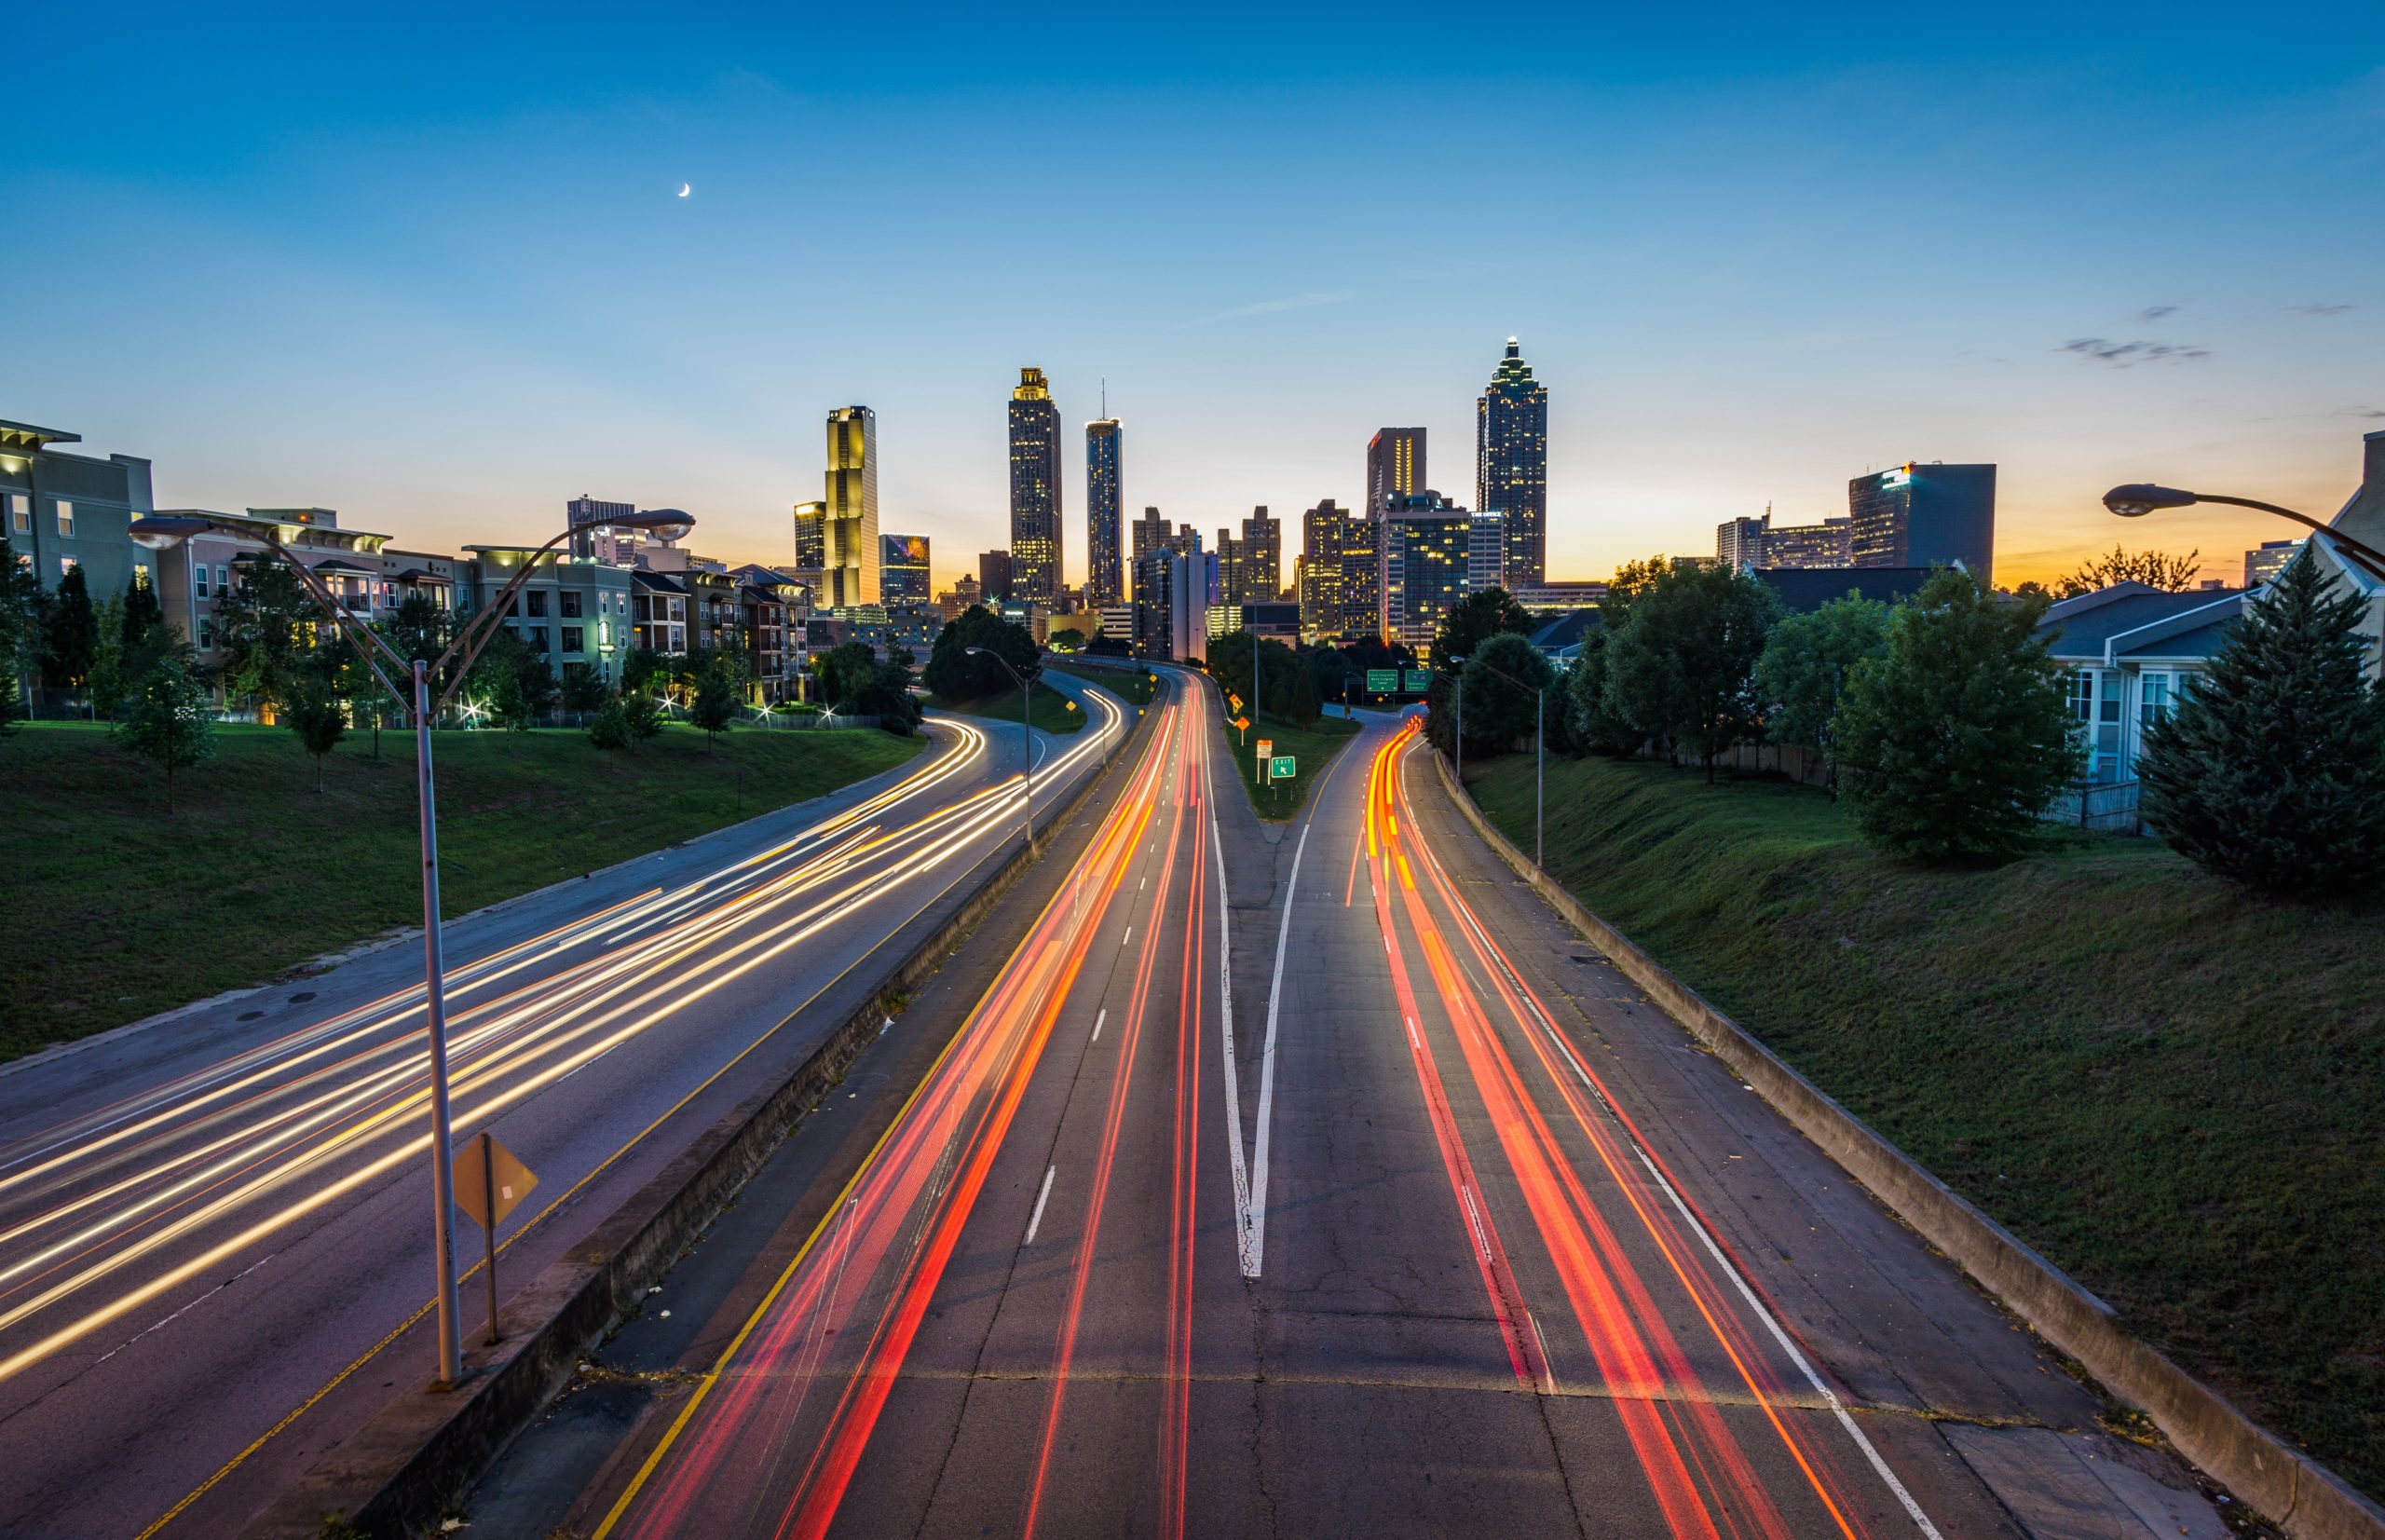 Eine Straße, die auf eine Stadt zuläuft und beleuchtet ist